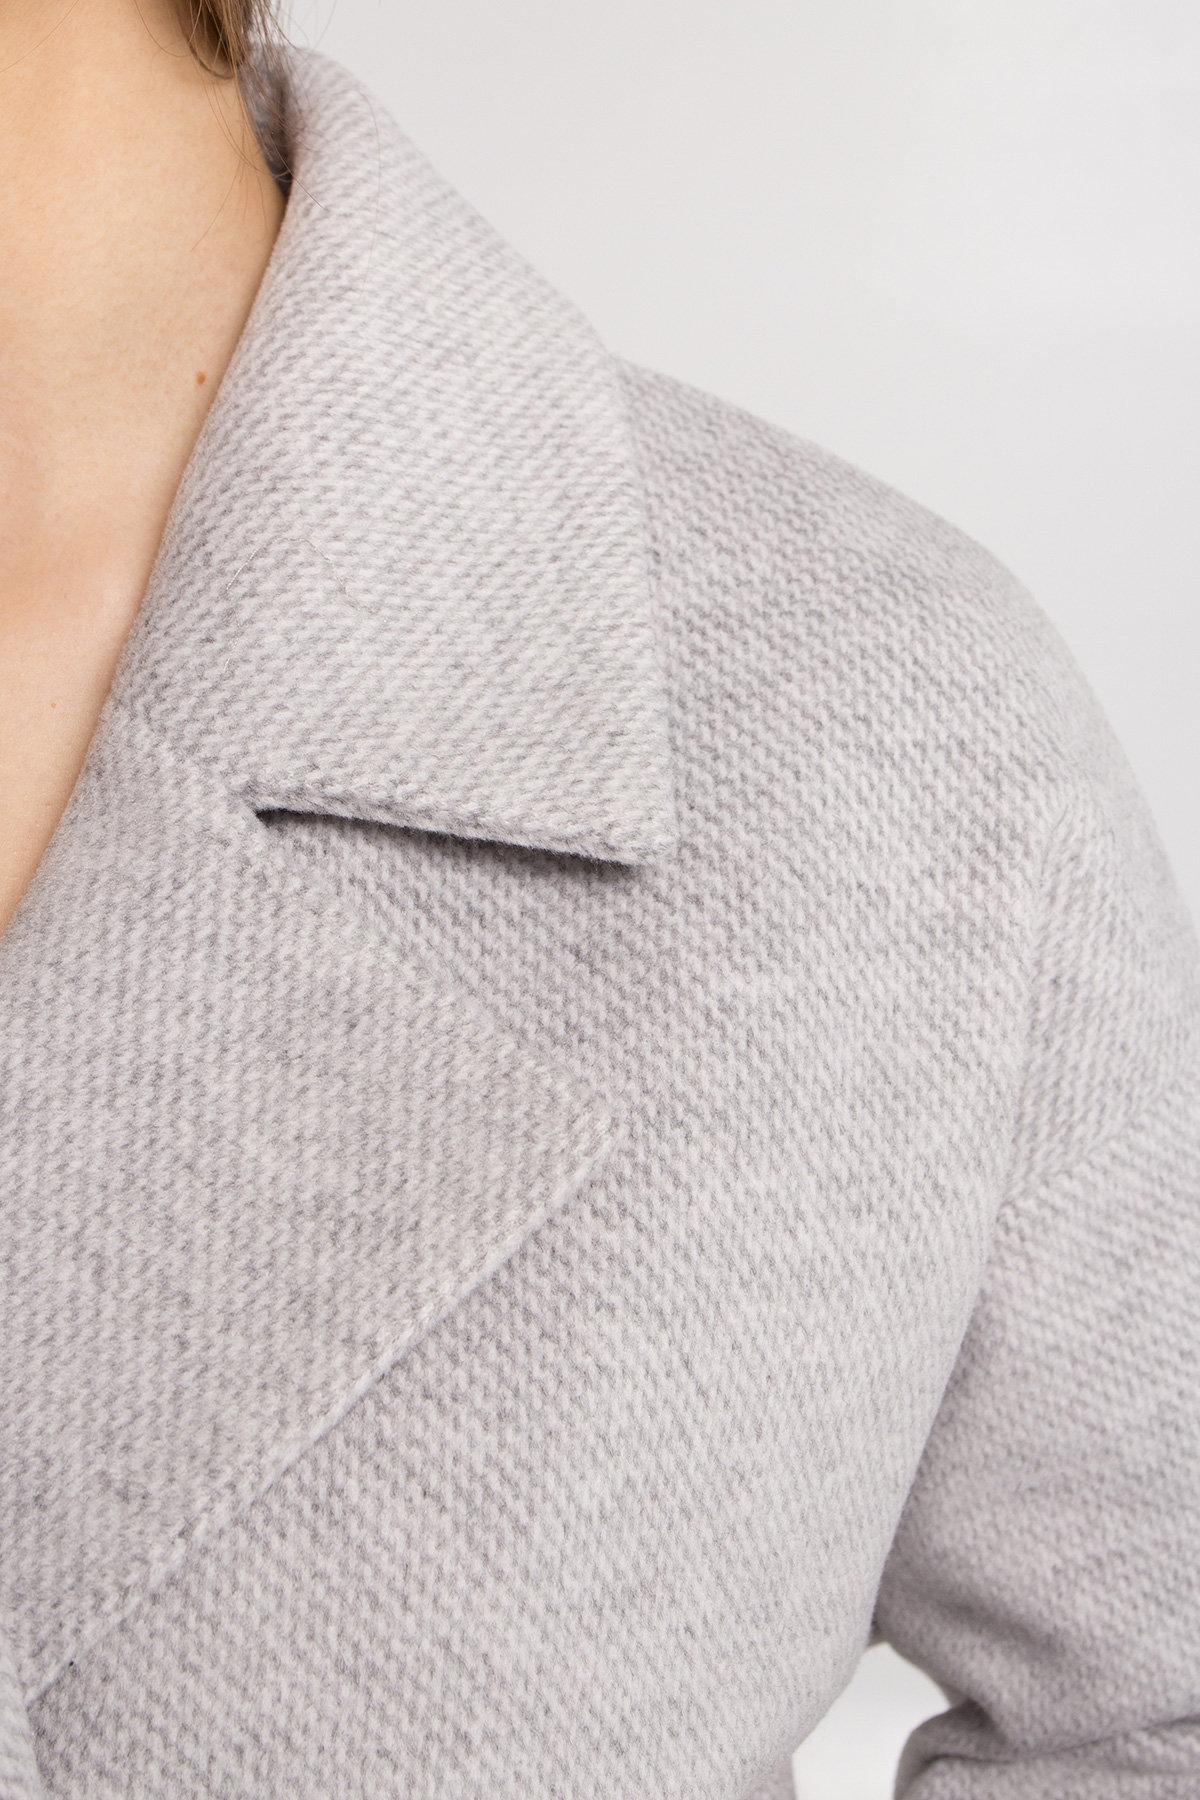 Демисезонное двубортное пальто Сенсей 8845 АРТ. 45170 Цвет: Светло серый - фото 7, интернет магазин tm-modus.ru